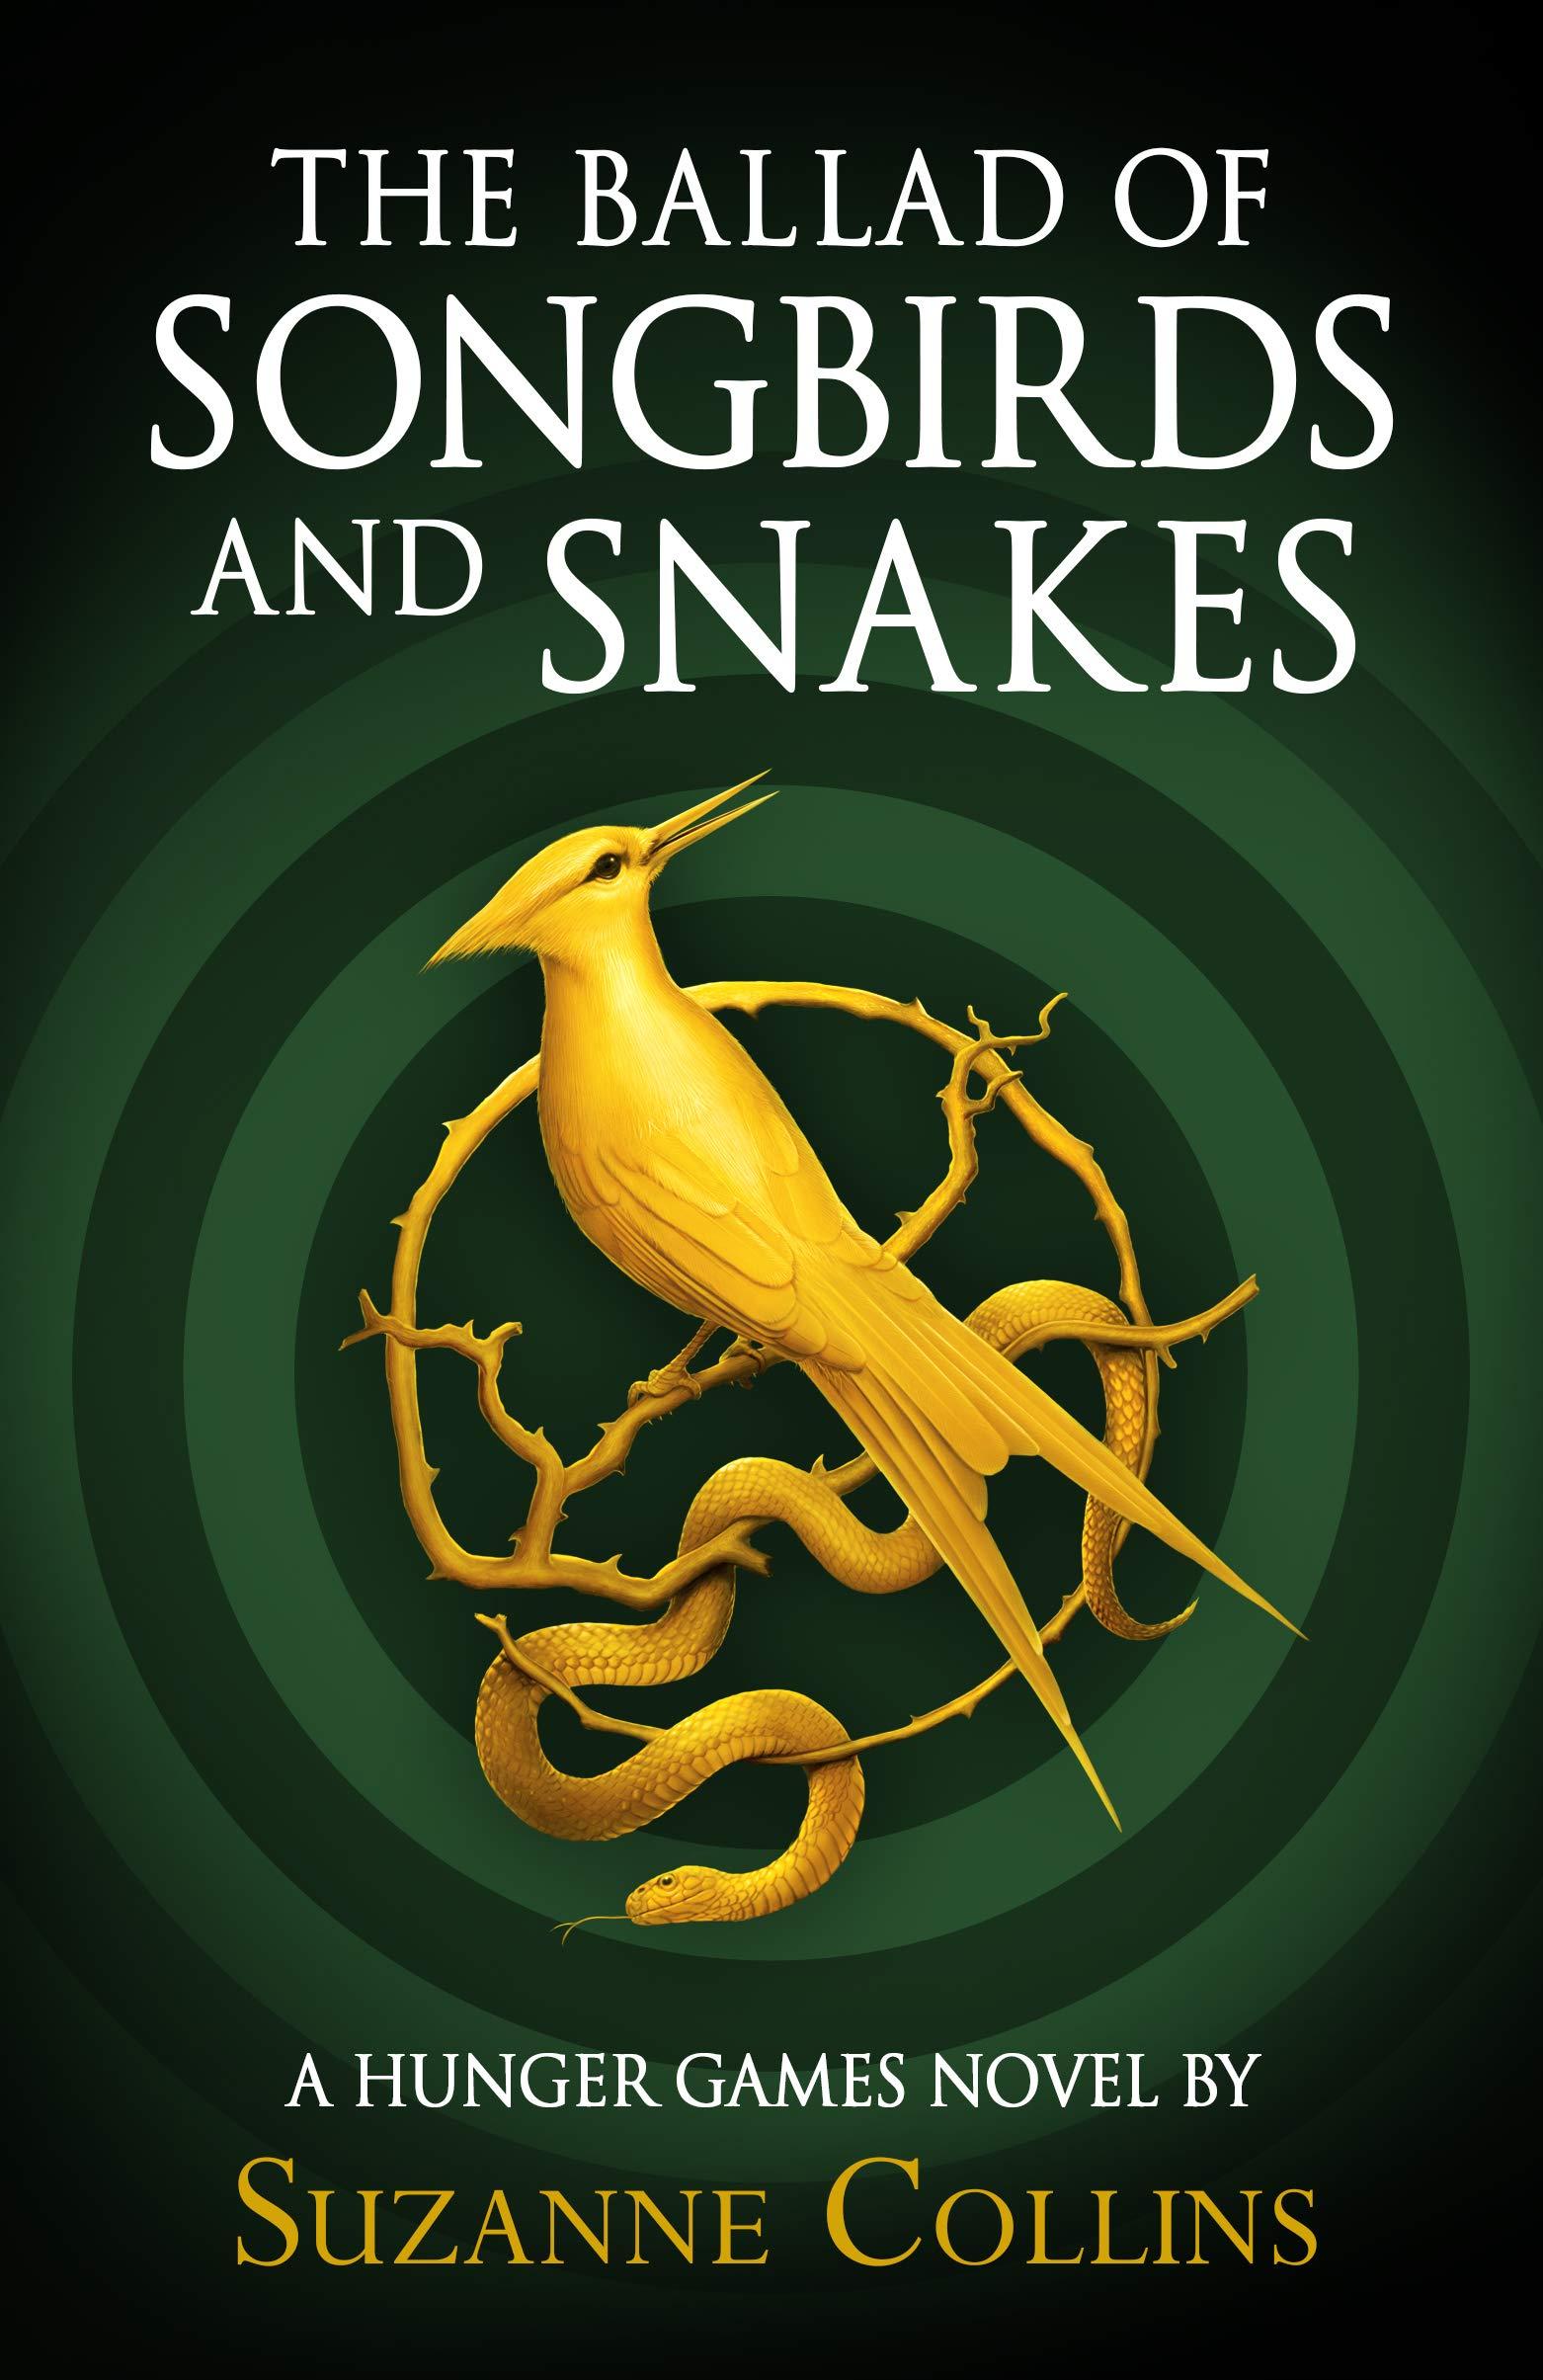 The Ballad of Songbirds and Snakes von Suzanne Collins (Tribute von Panem / Hunger Games Prequel)